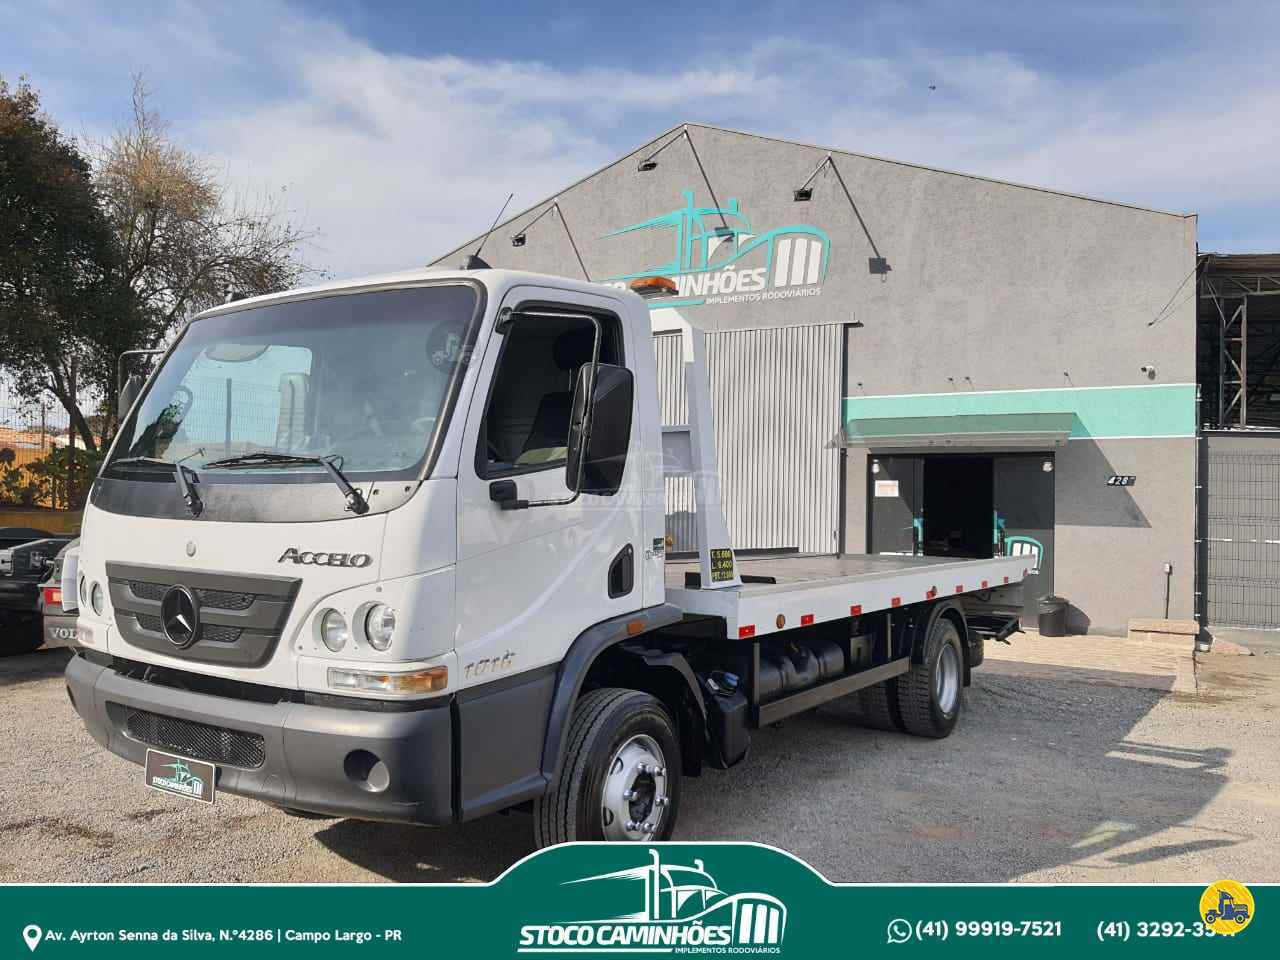 MB 1016 de Stoco Caminhões  - CAMPO LARGO/PR